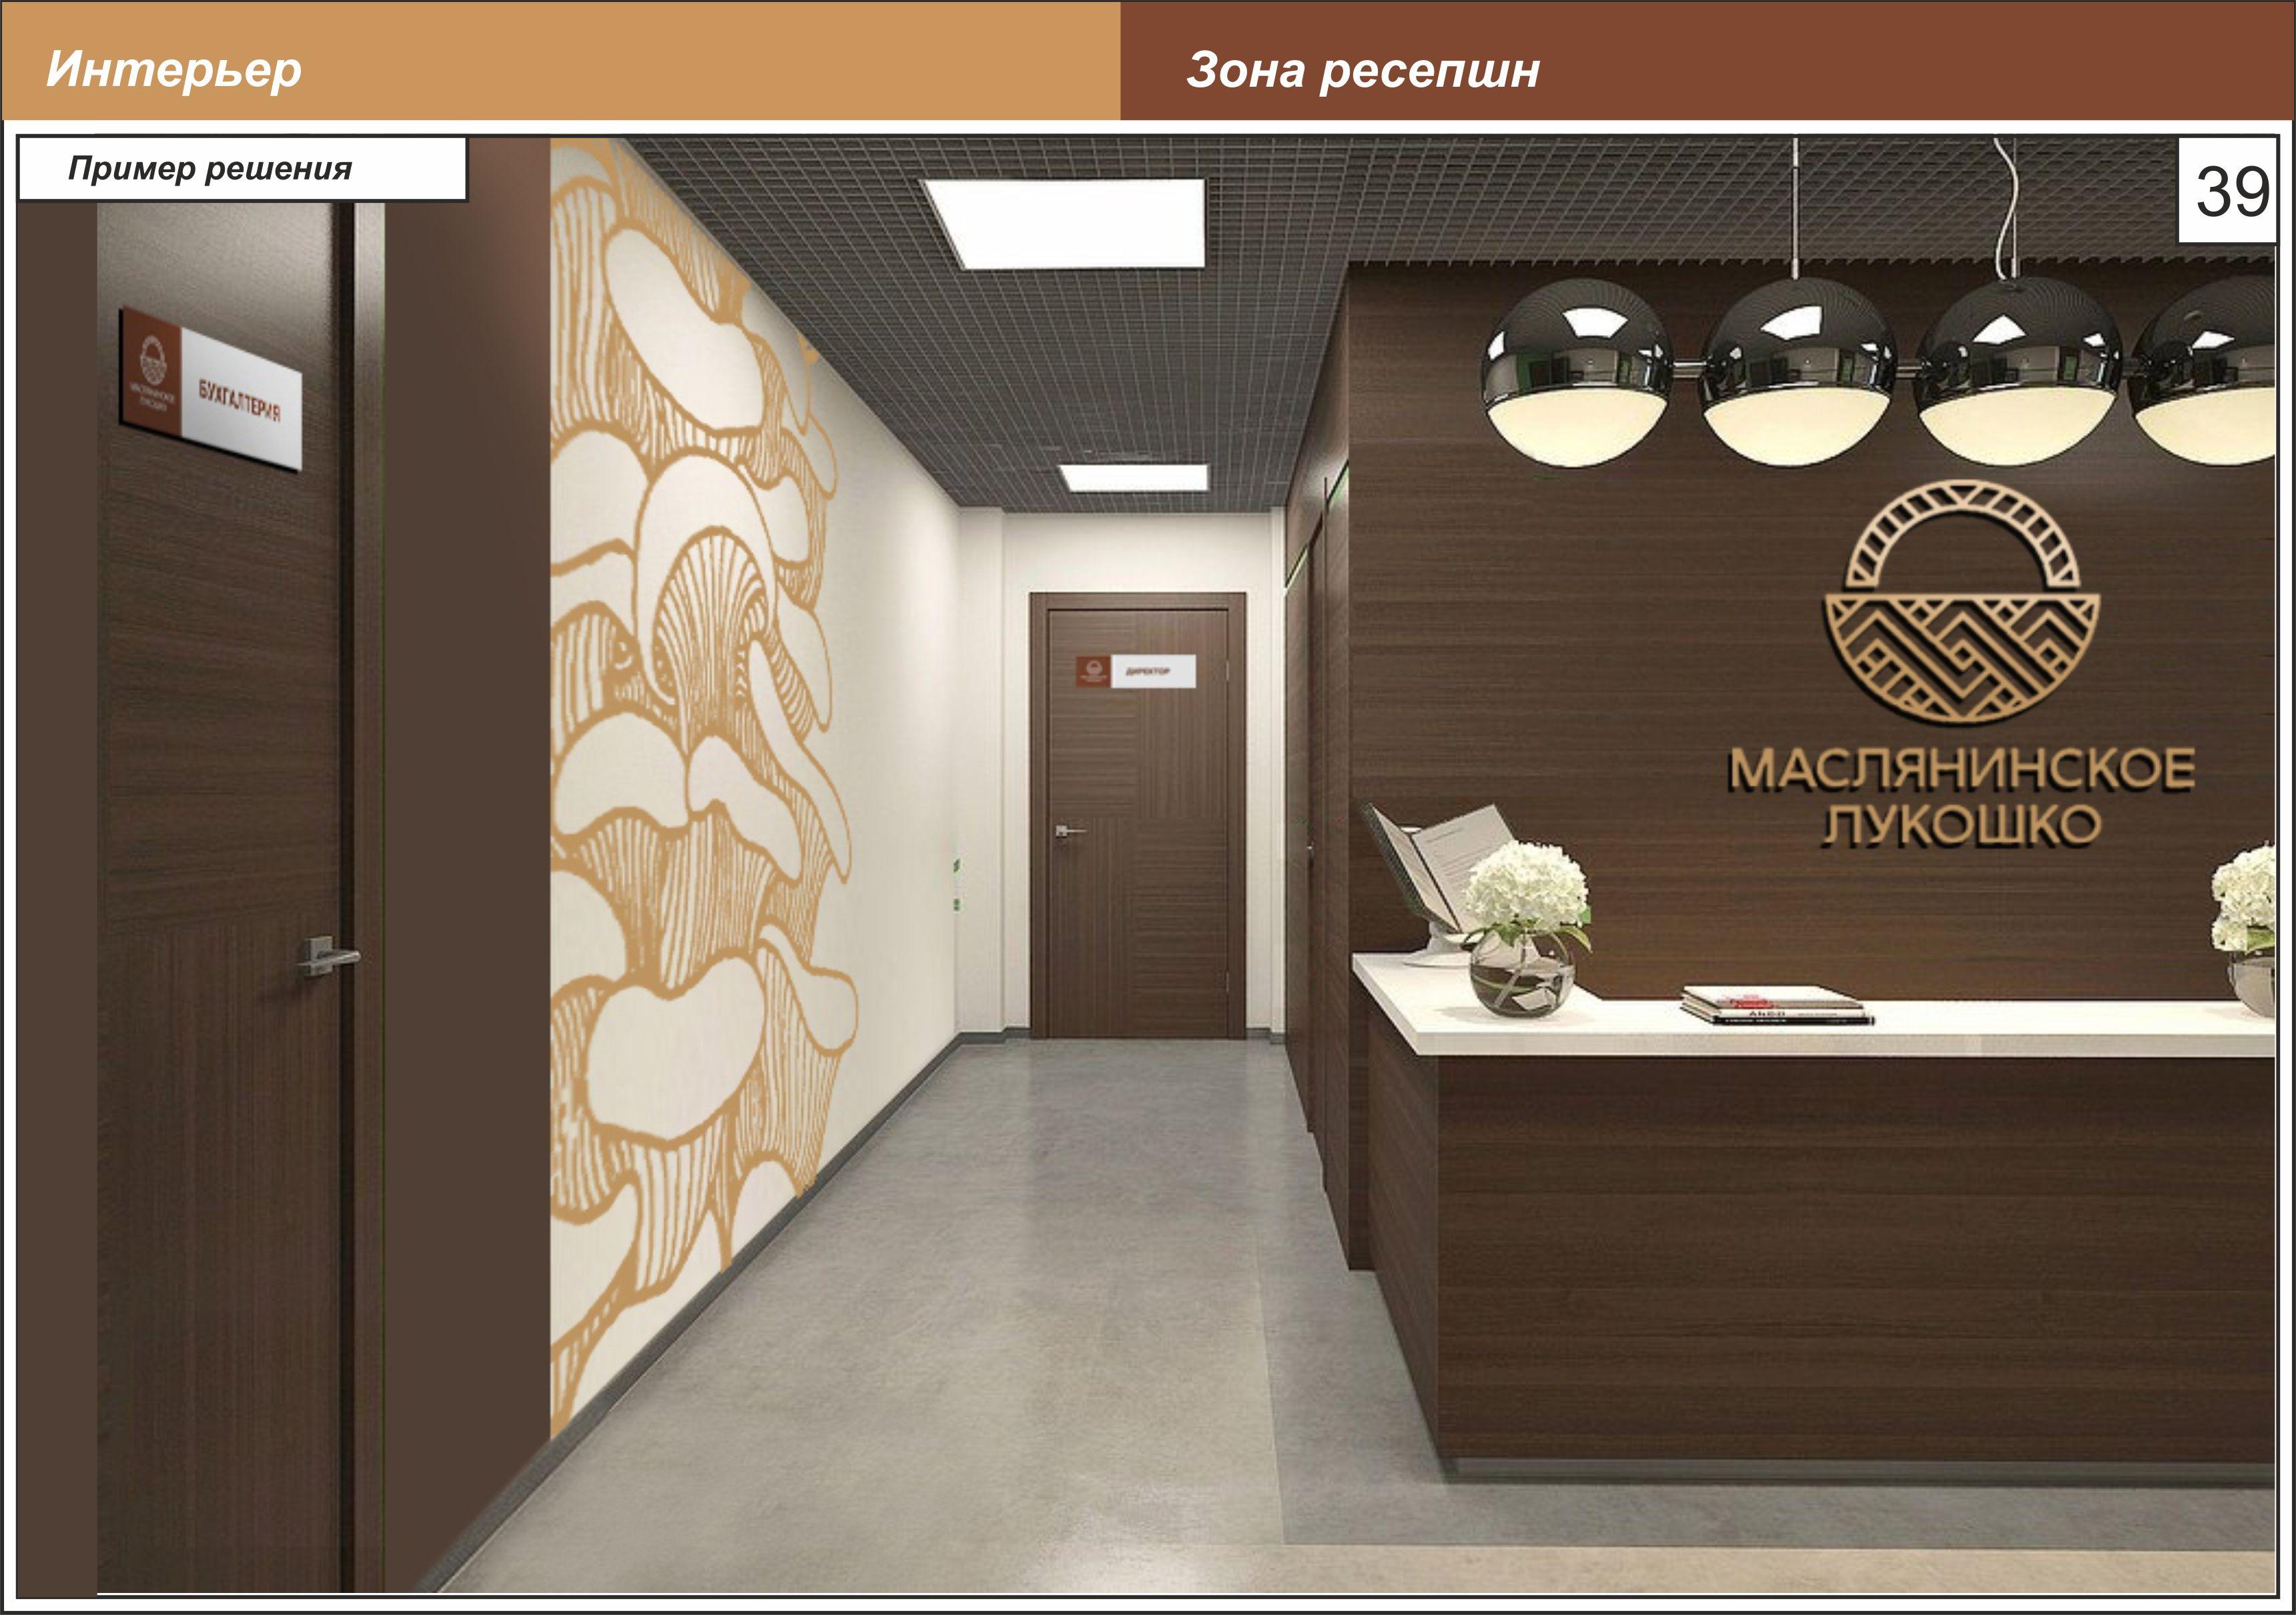 """Логотип """"Маслянинское лукошко"""""""